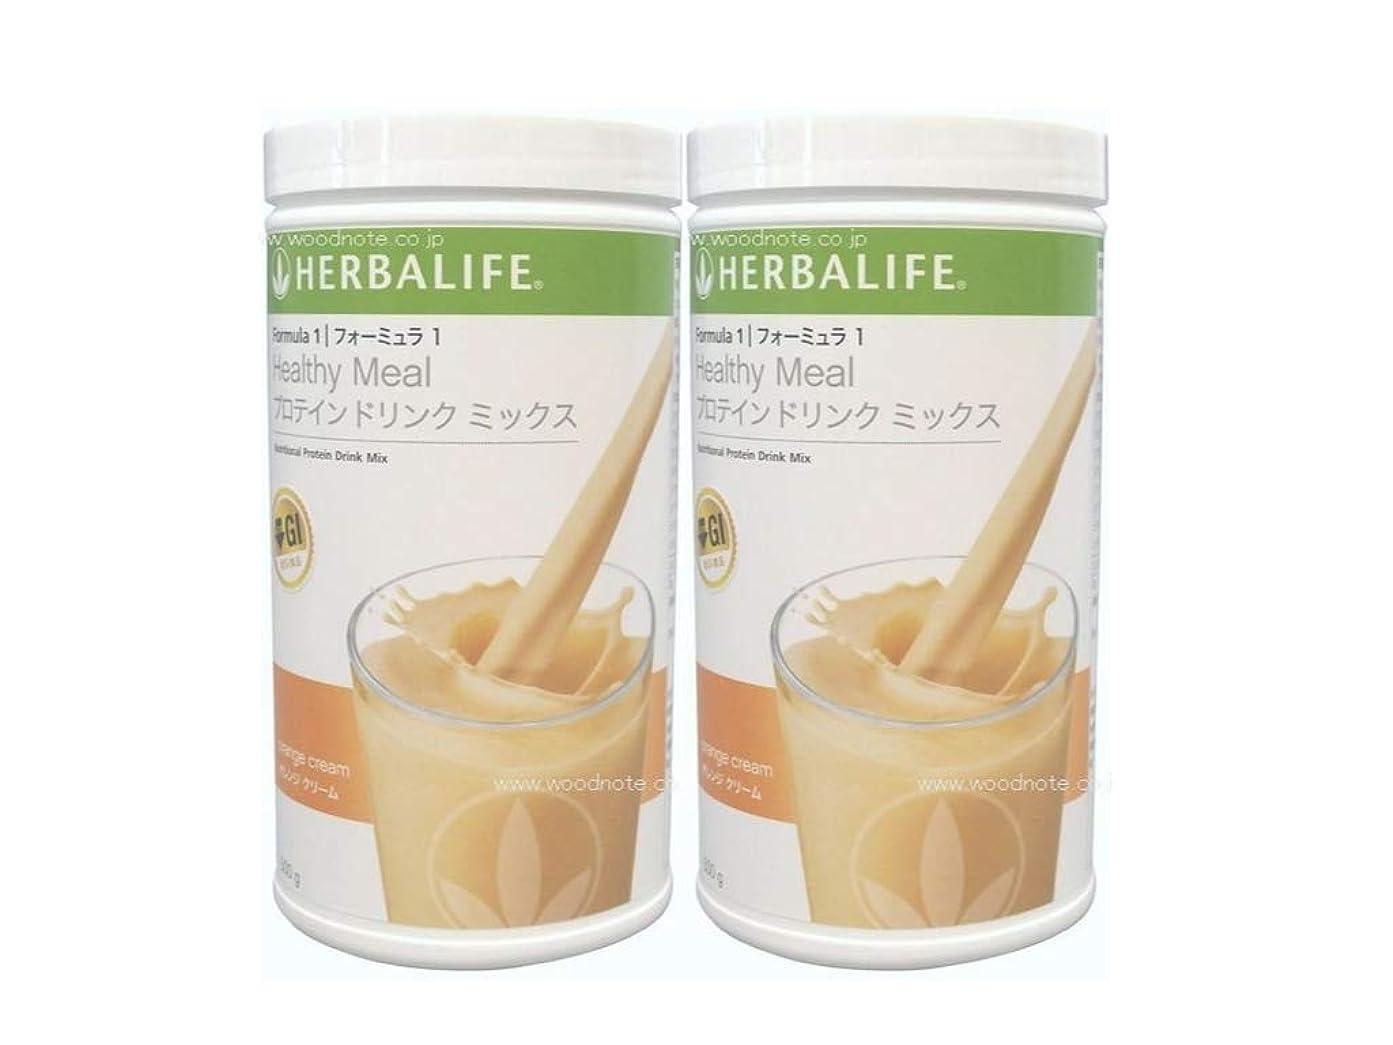 本会議森林カヌーハーバライフ フォーミュラ1プロテインドリンクミックス- オレンジクリーム味 2本セット